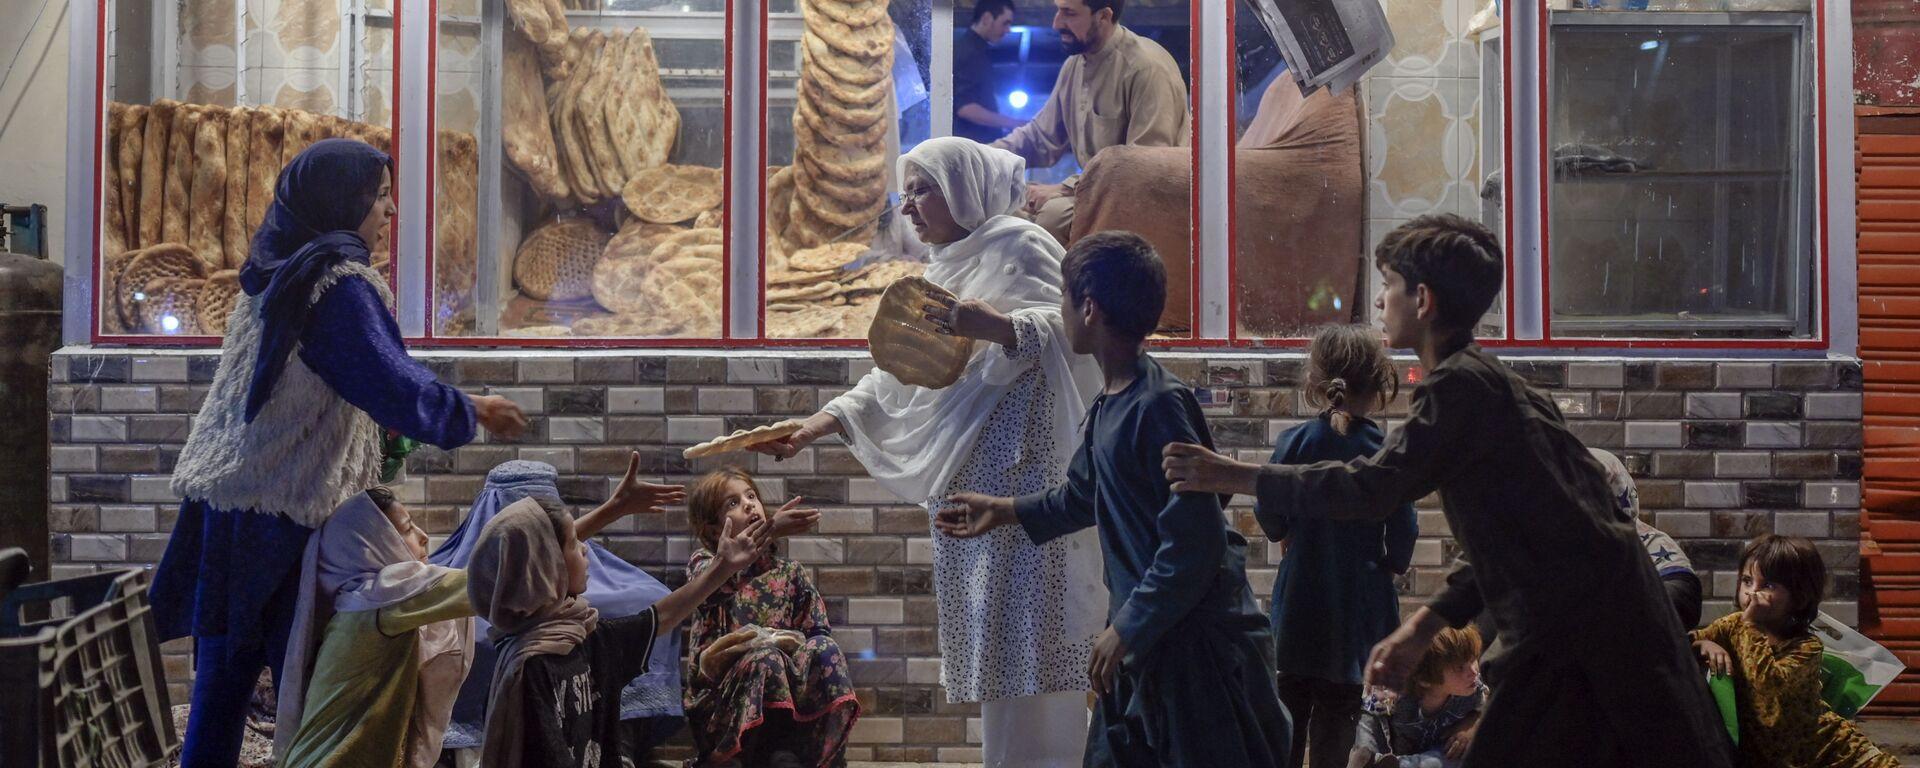 Женщина раздает хлеб нуждающимся детям перед пекарней в Кабуле - Sputnik Тоҷикистон, 1920, 07.10.2021